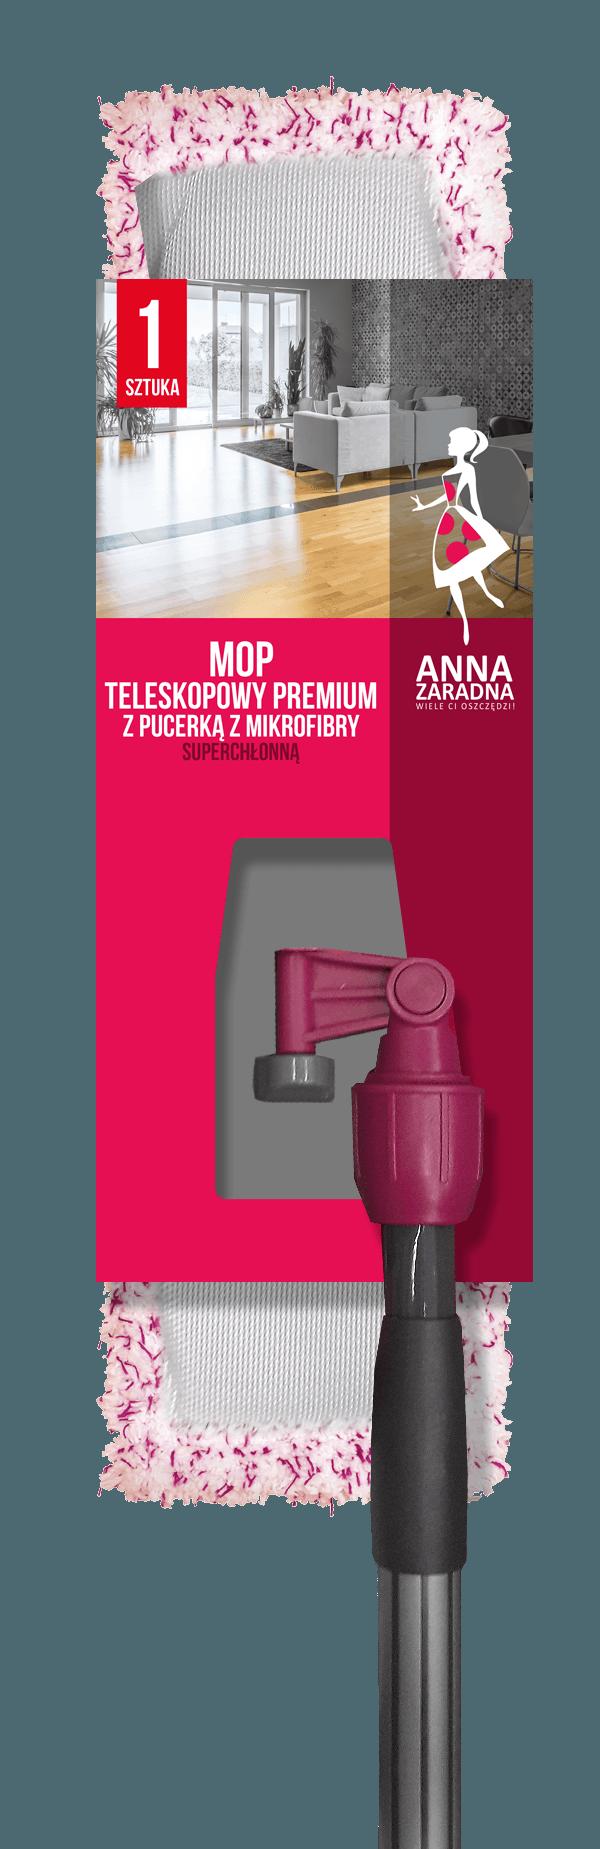 AZ Mop teleskopowy PREMIUM z pucerką z mikrofibry SUPERCHŁONNĄ Anna Zaradna